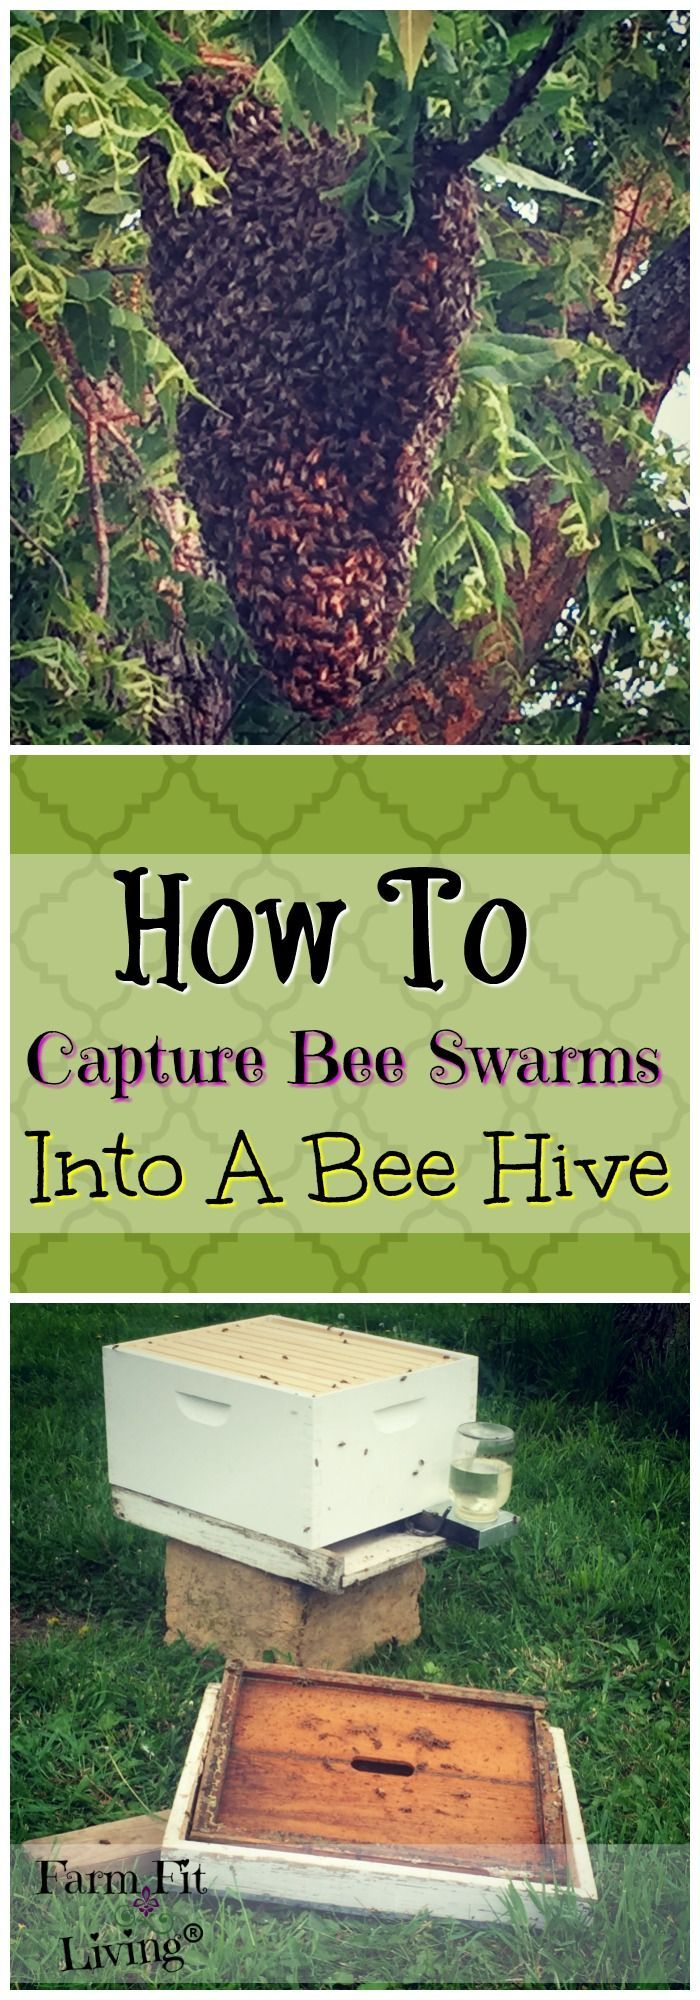 die besten 25 bienenzucht im garten ideen auf pinterest bienenhaltung bienen und honigbienen. Black Bedroom Furniture Sets. Home Design Ideas